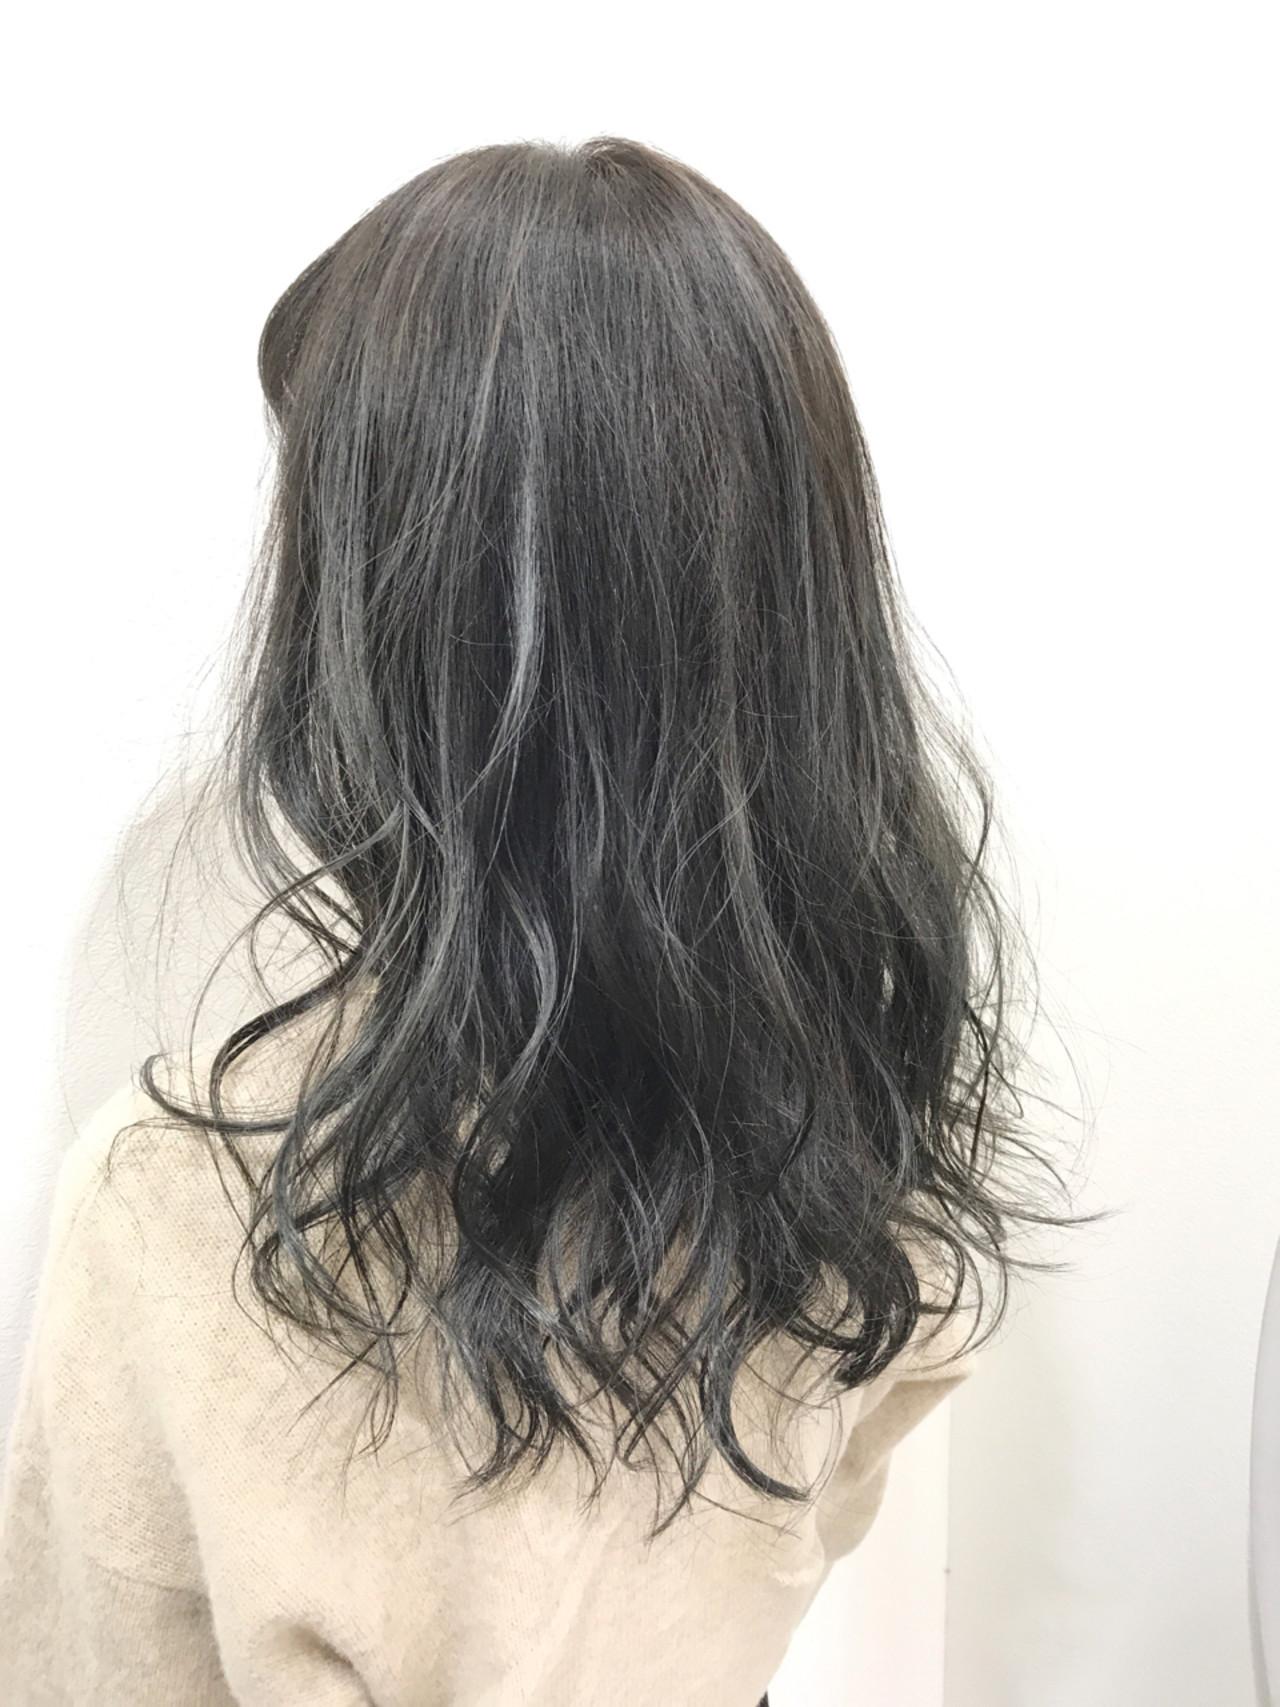 透明感 ガーリー ブルーアッシュ 黒髪 ヘアスタイルや髪型の写真・画像